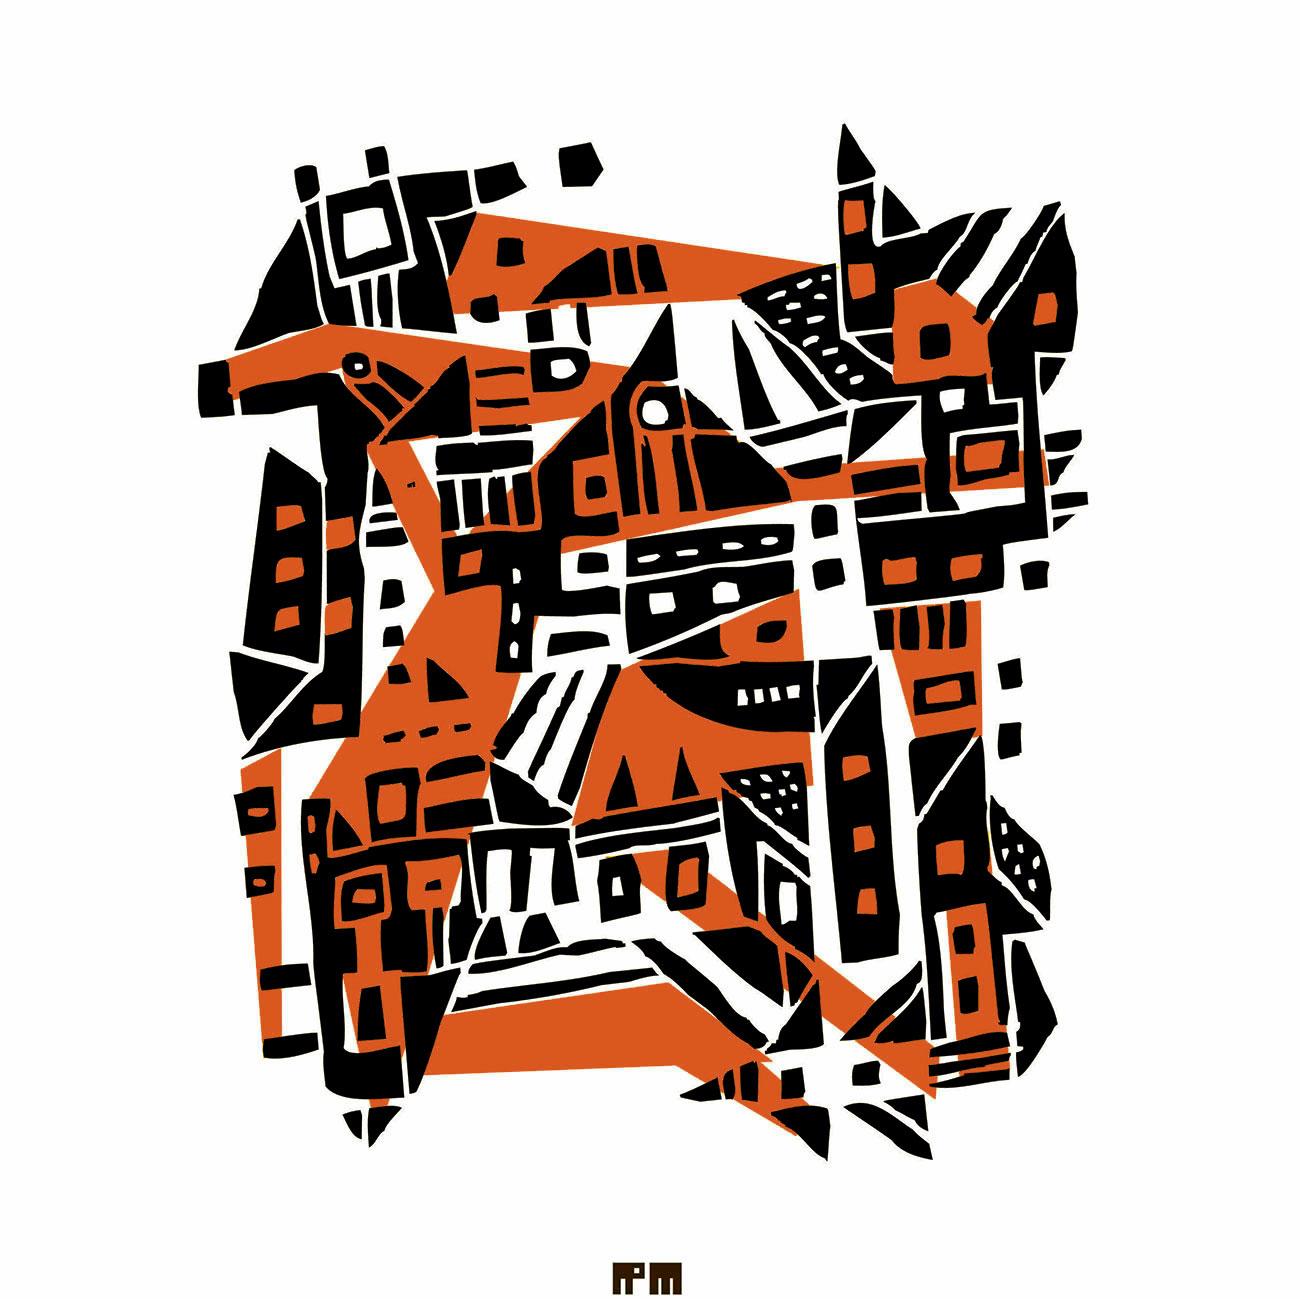 cidade-09-9-017-B_web2